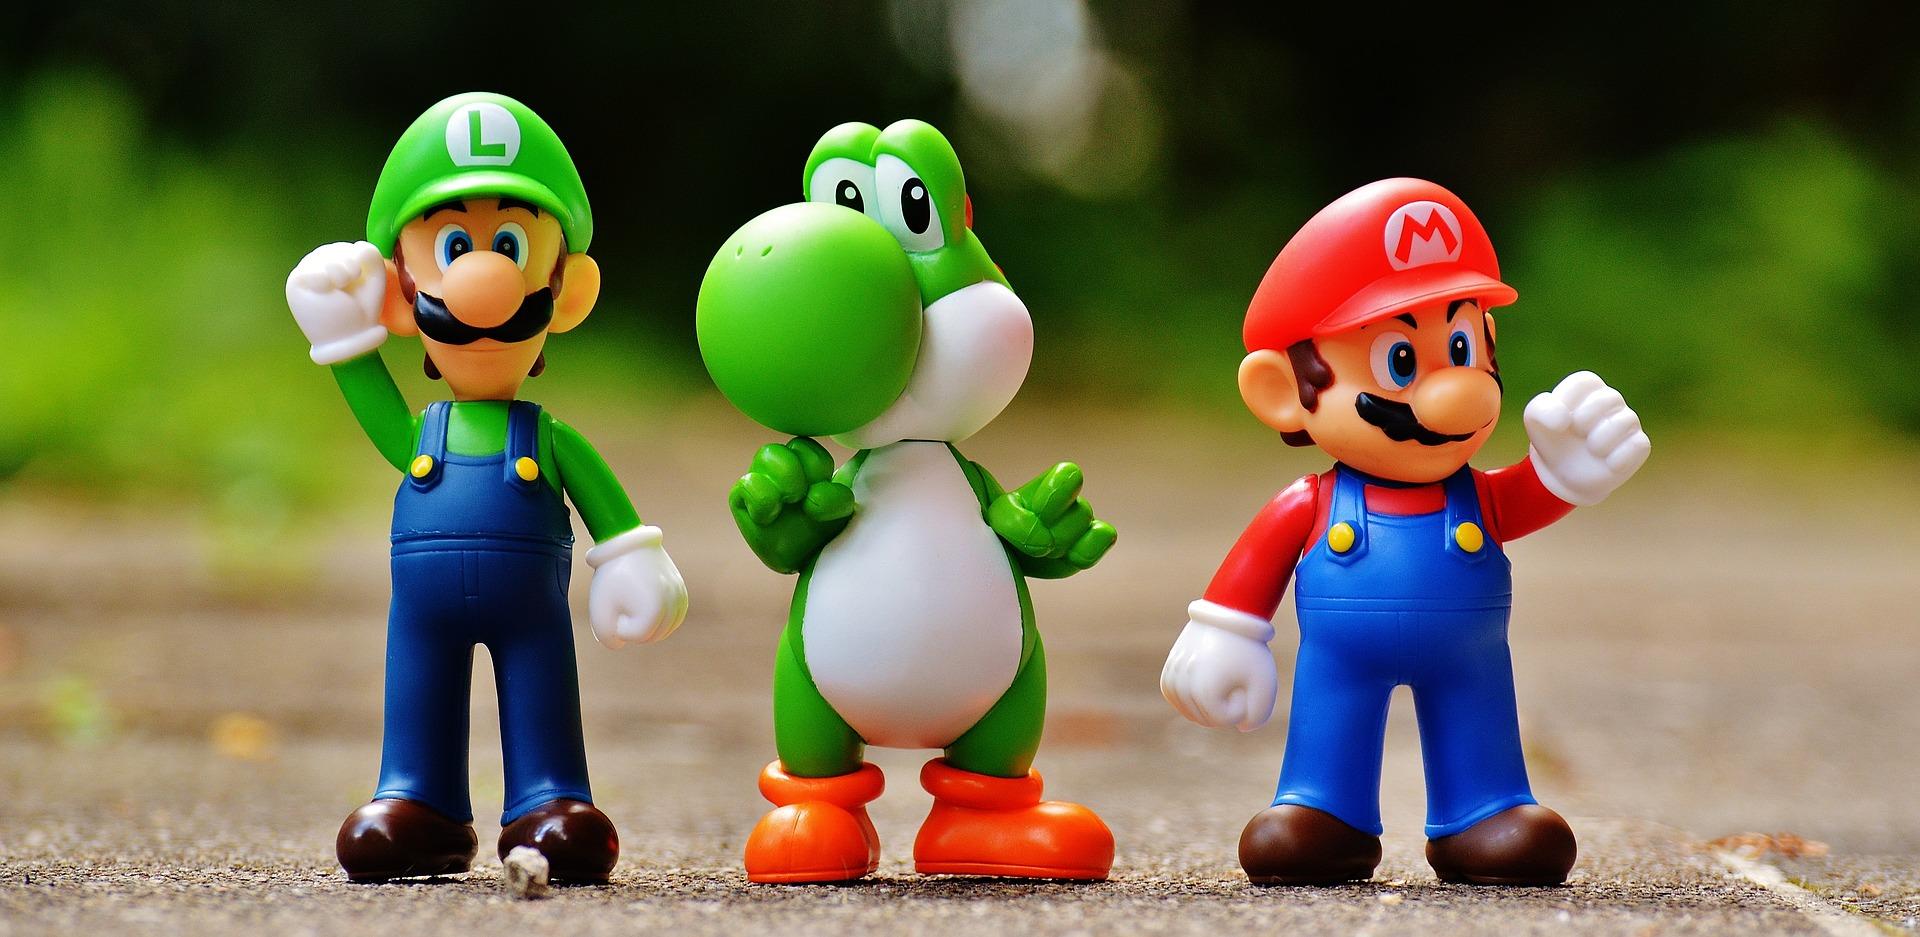 Super Mario Bros: Visión y gestión de cambio en las organizaciones